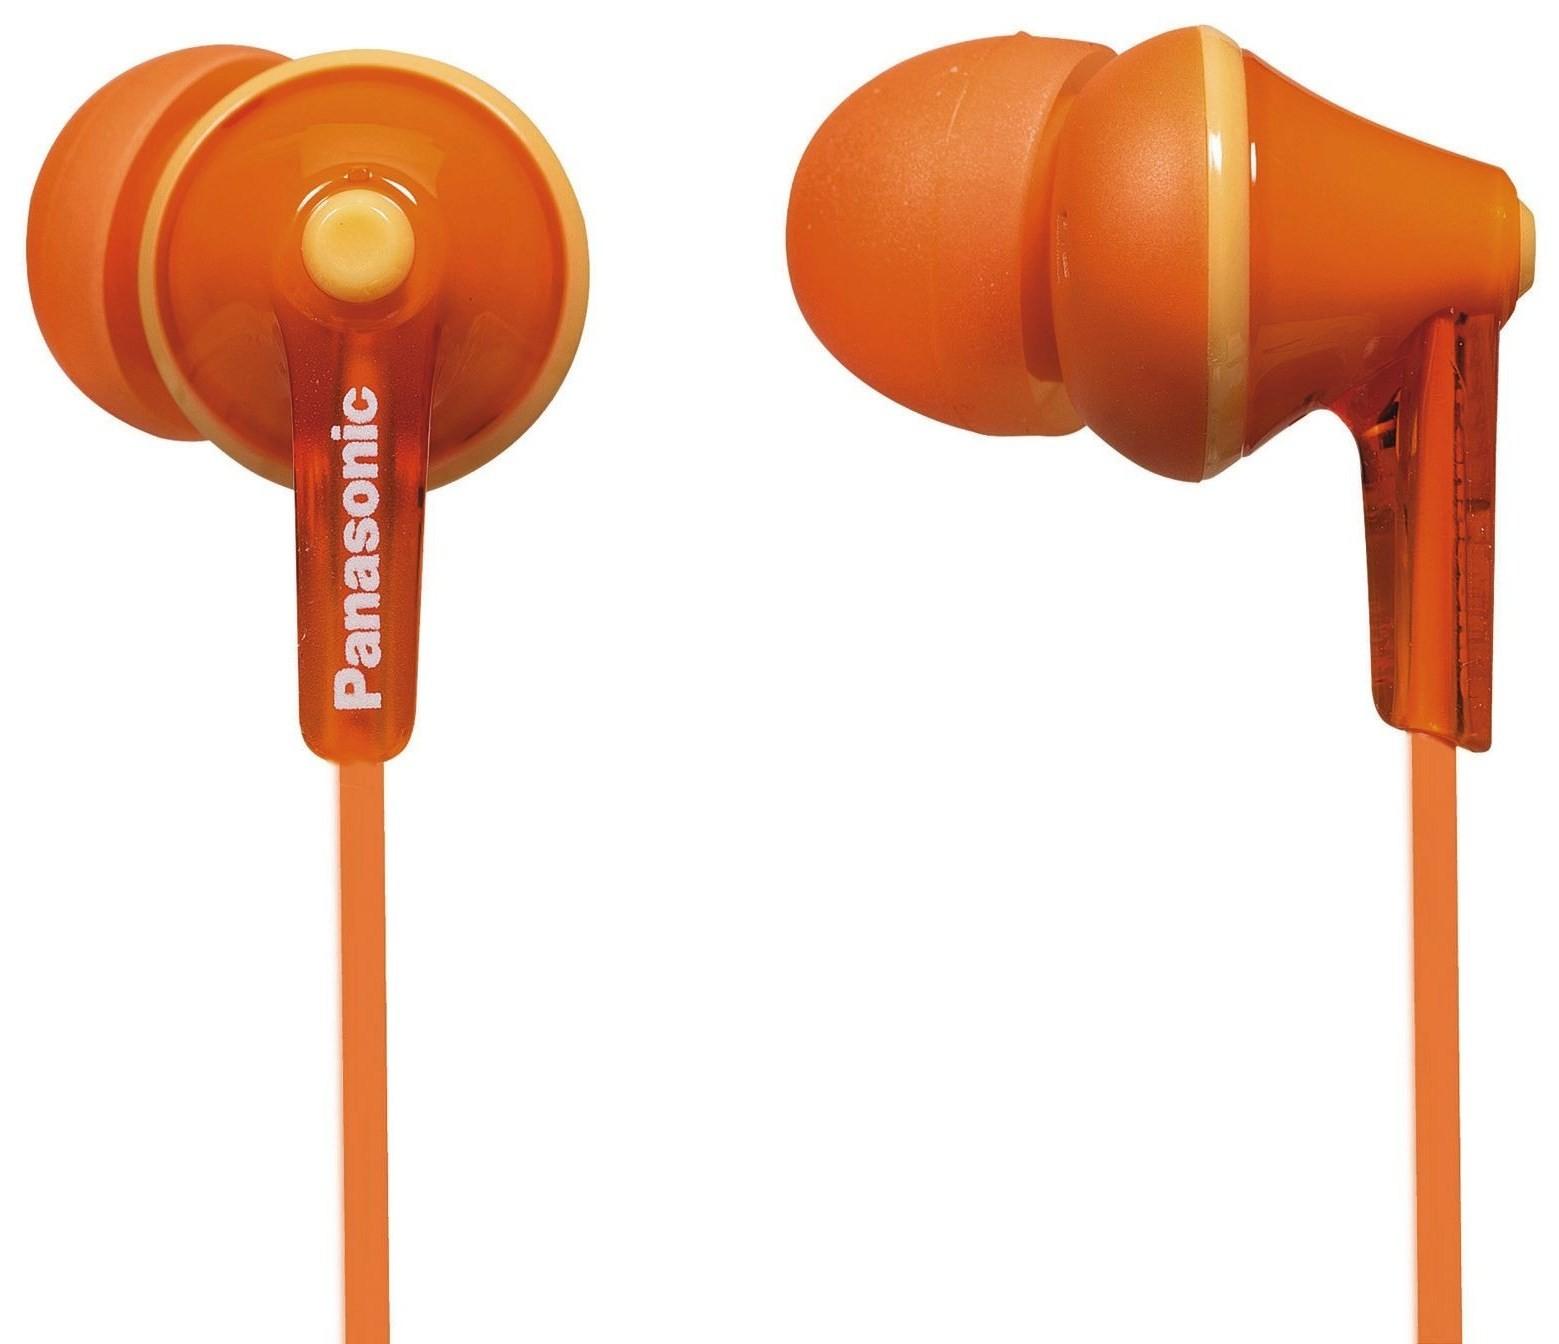 Guter Sound für wenig Geld mit den Panasonic RP-HJE125 In-Ear Kopfhörern